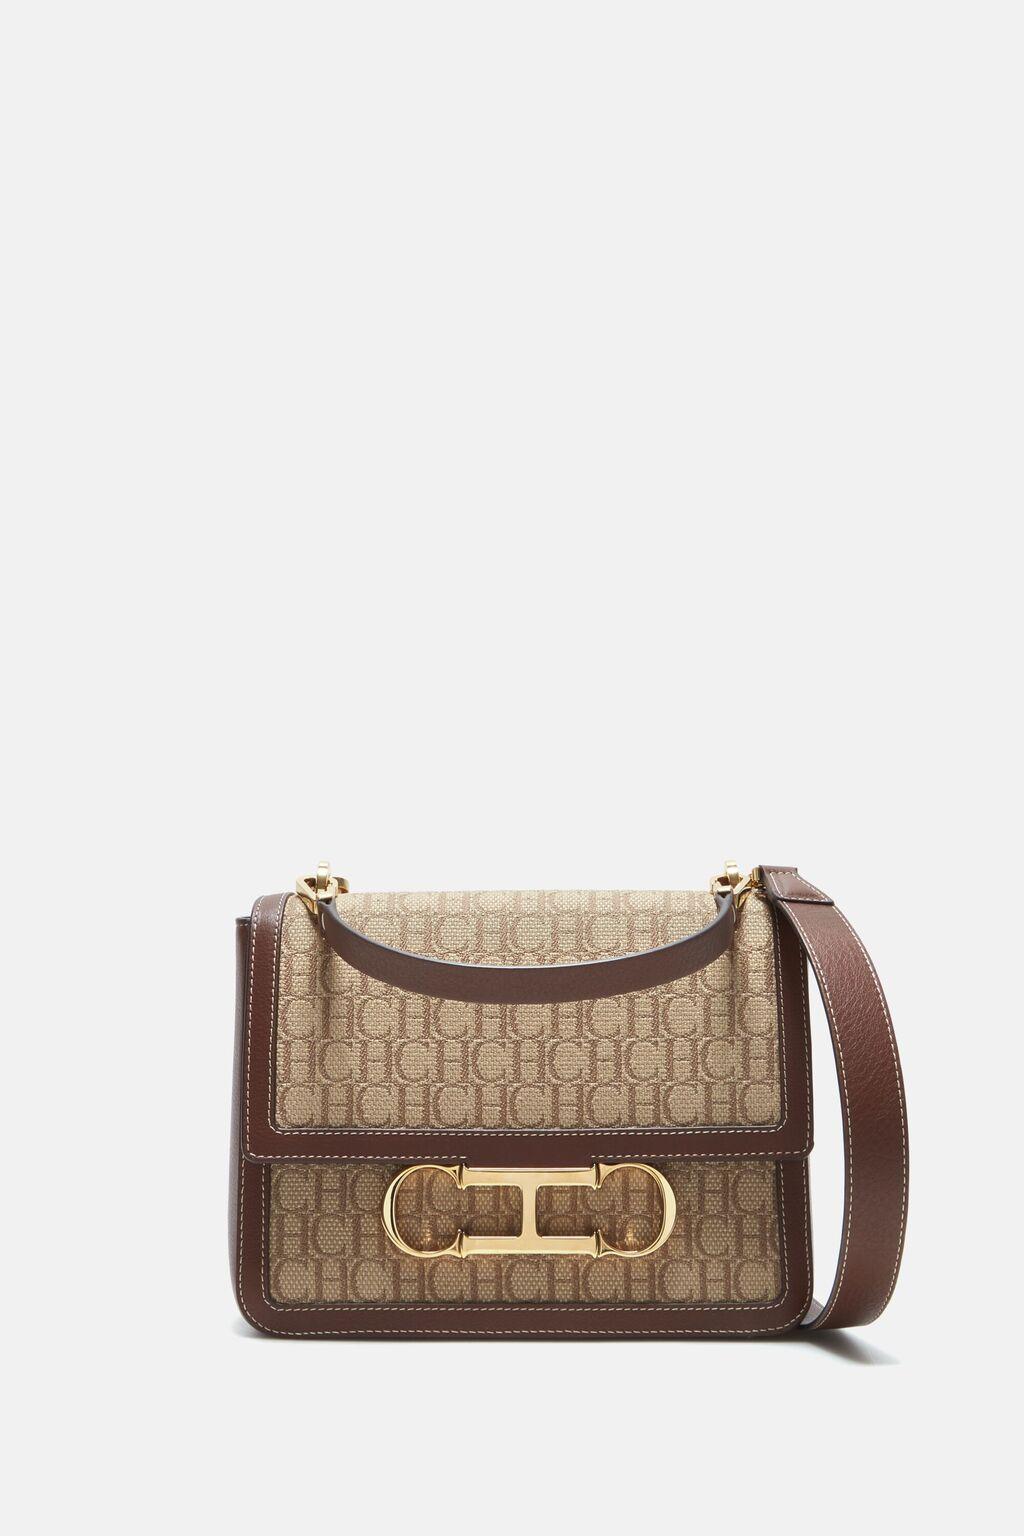 Initials Insignia Satchel  | Medium shoulder bag